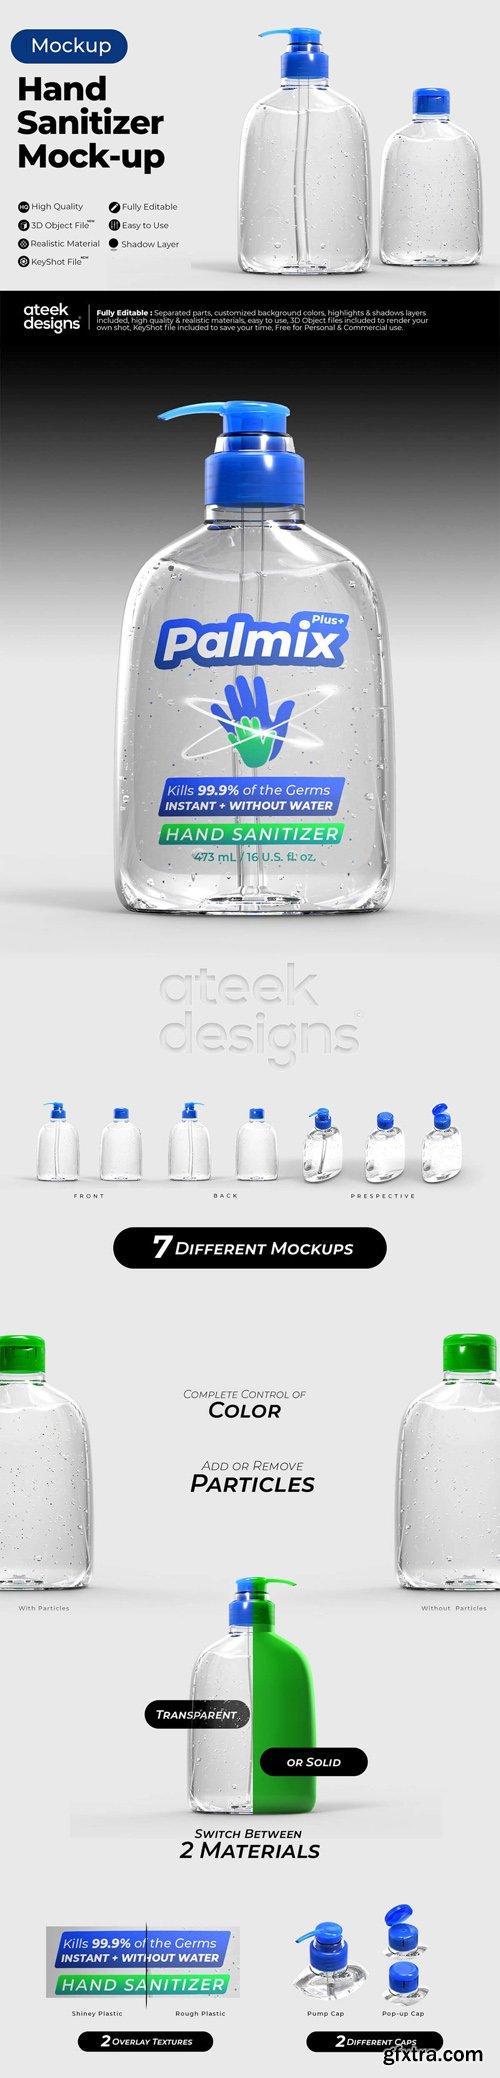 Hand Sanitizer Mockups for Cinema 4D & KeyShot